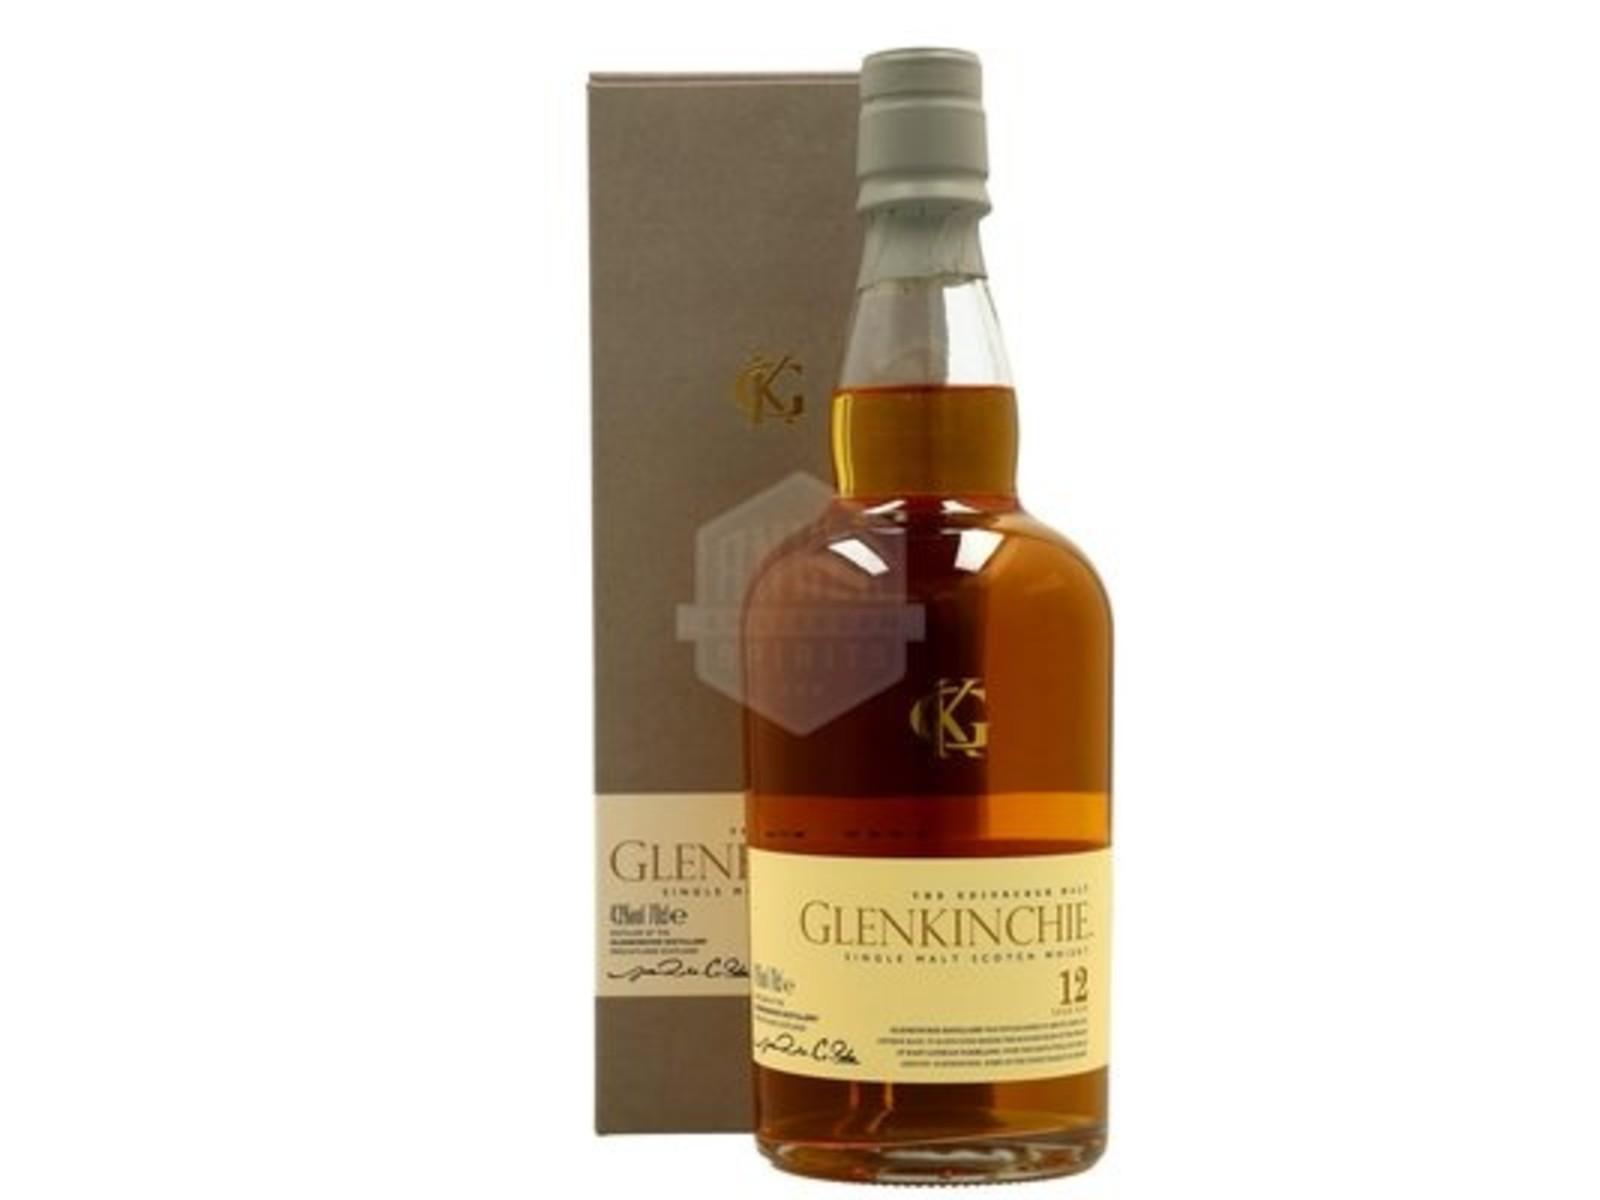 Glenkinchie Glenkinchie / 12 years / whisky / 0,7L